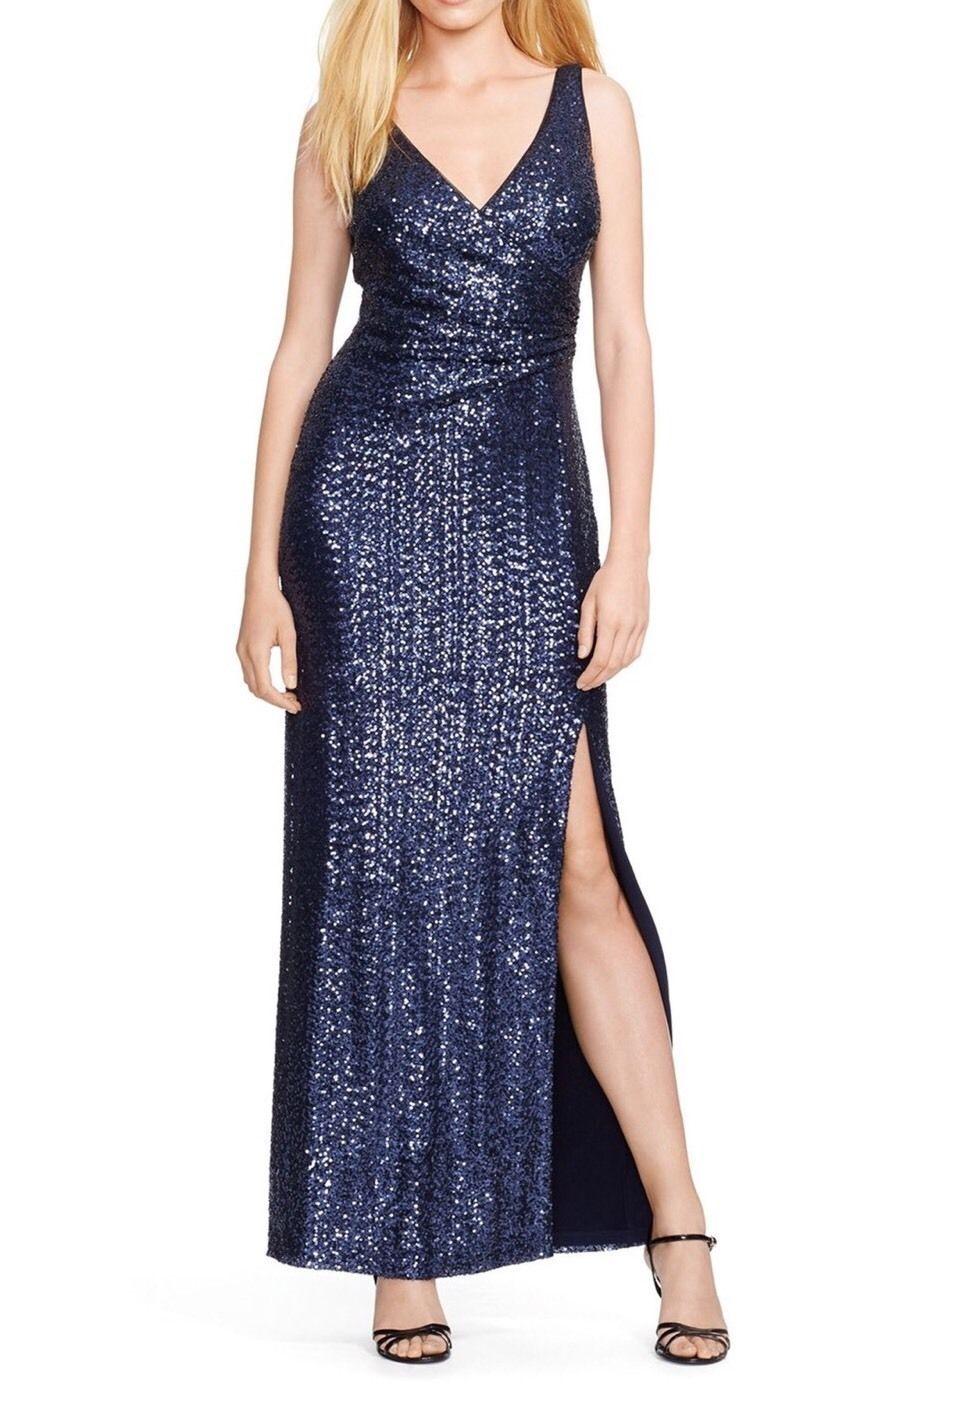 NWT Lauren Ralph Lauren Size 2 Petite Navy Sequin Mesh Evening Gown ...